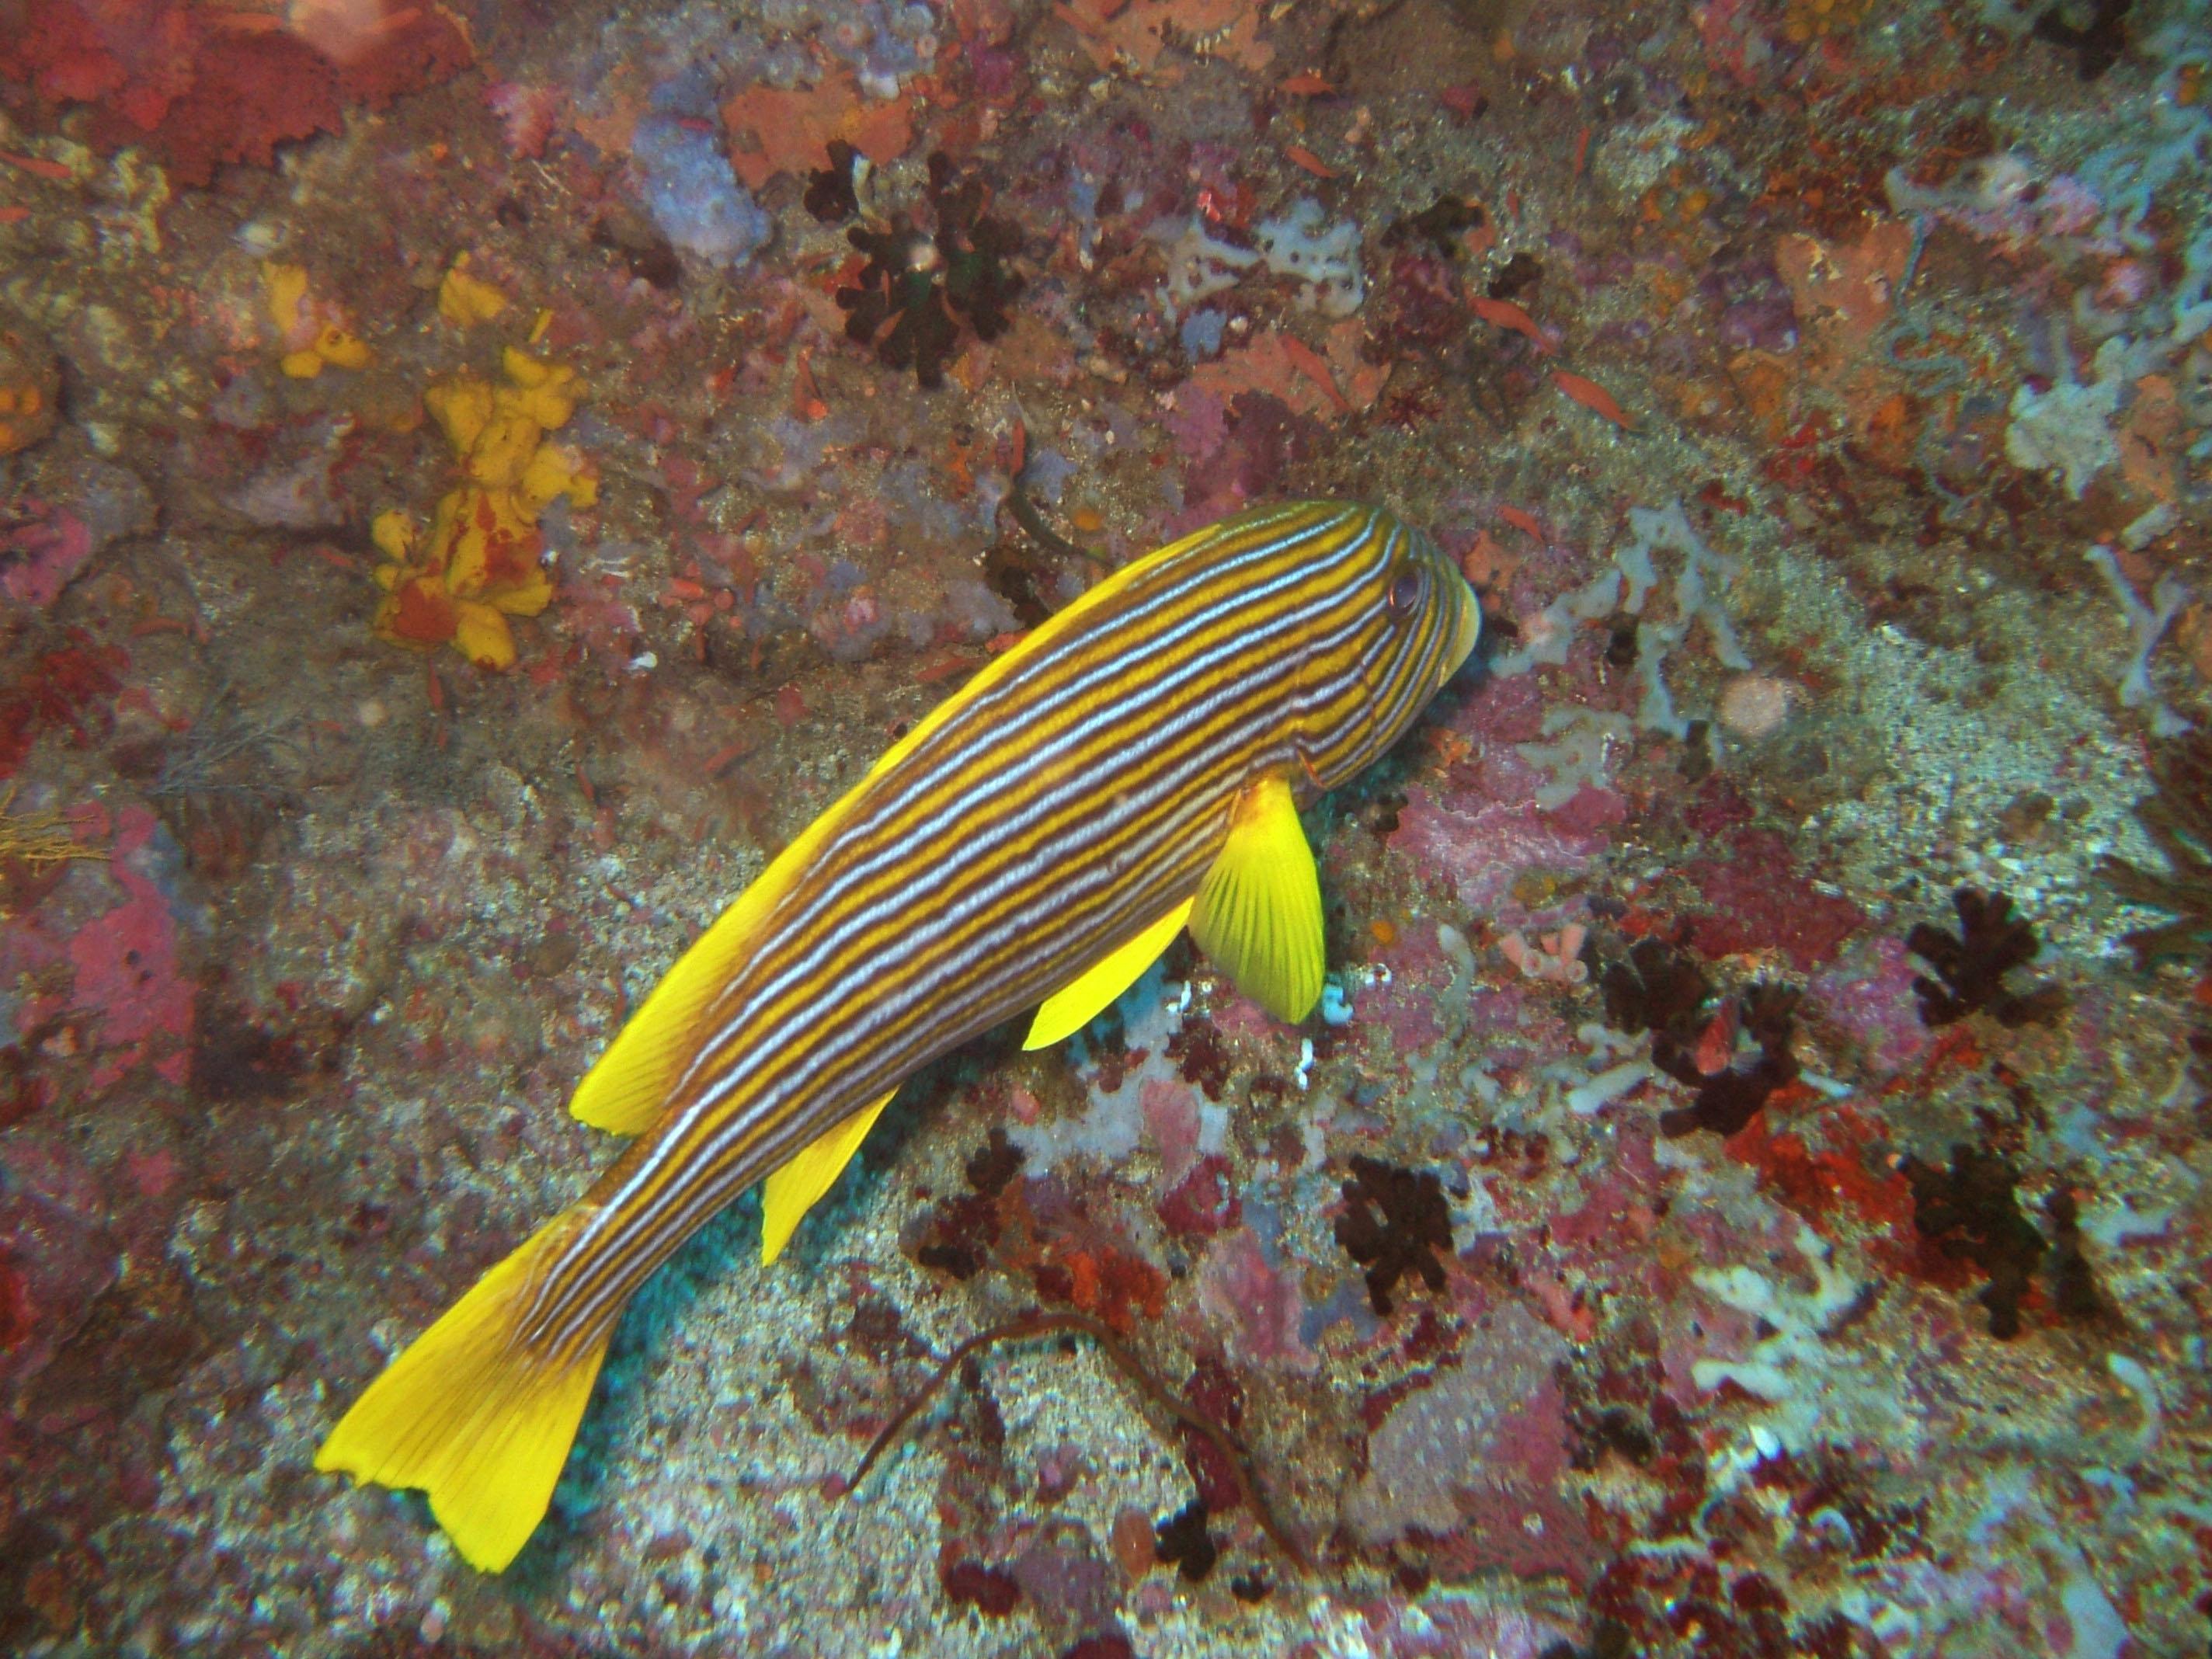 Dive 17 Philippines Mindoro Sabang Fish Bowl Oct 2005 03